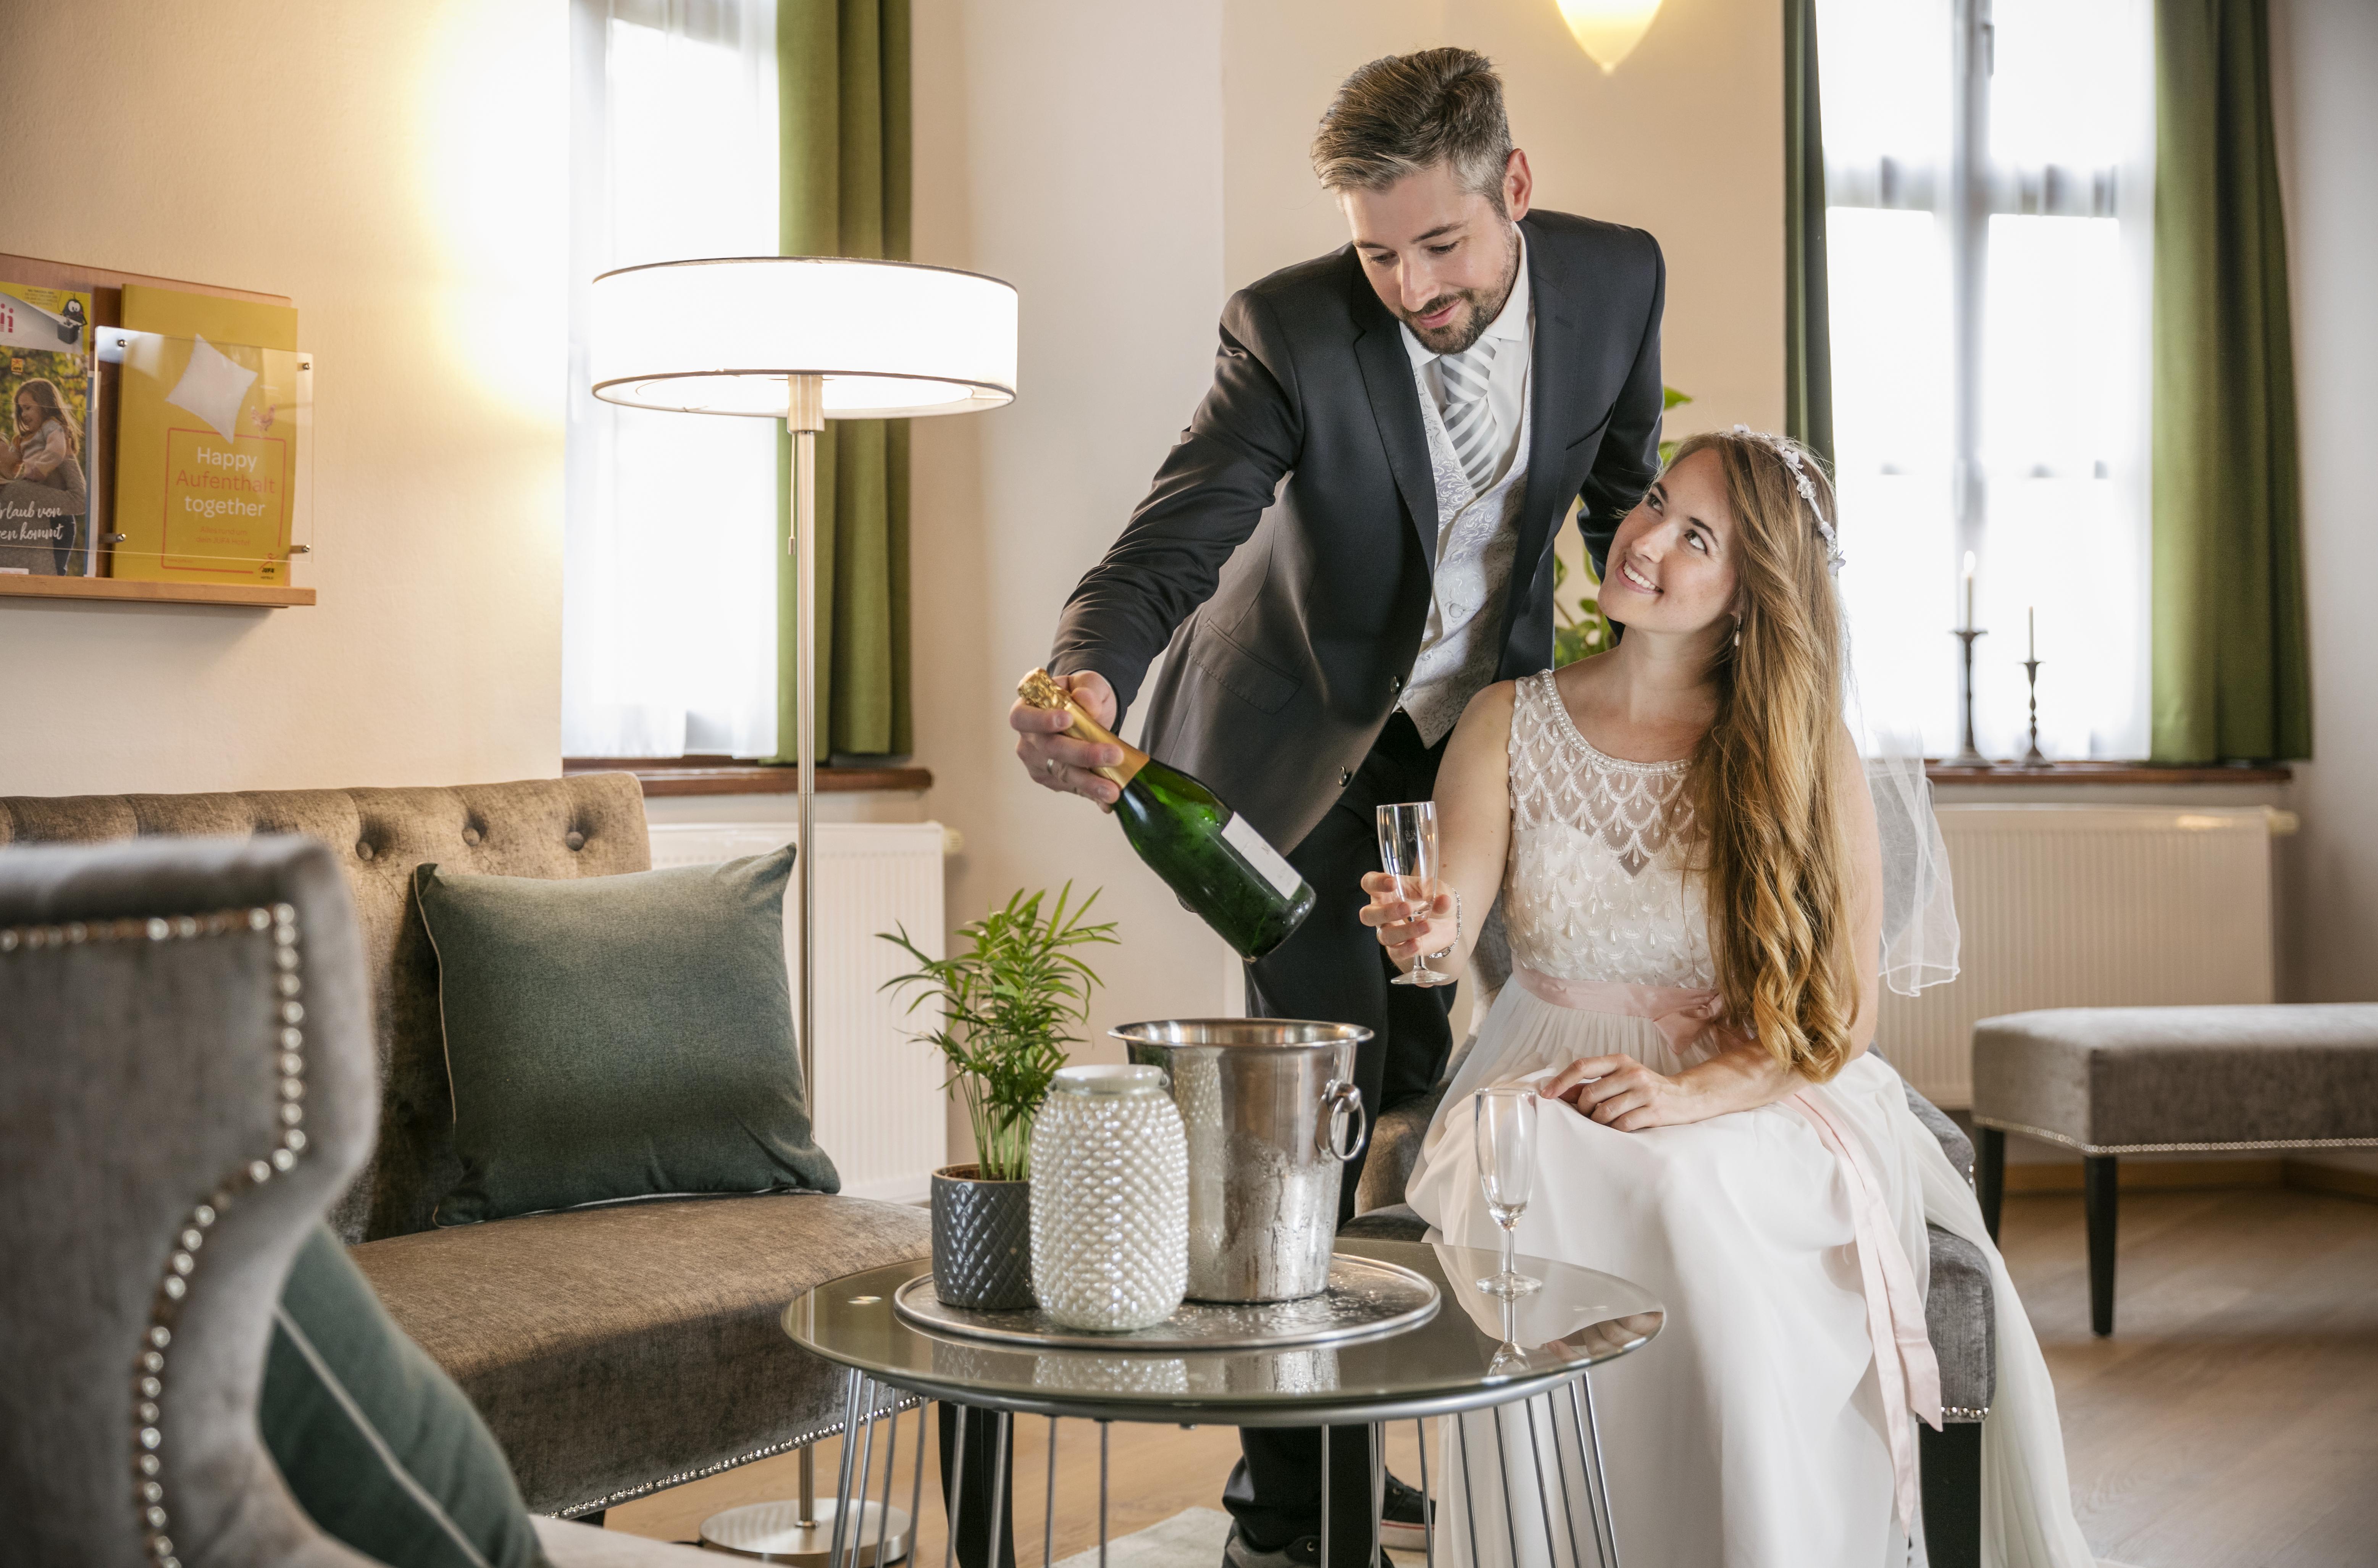 Sie sehen ein Brautpaar imit Sektflasche im Hochzeitszimmer des JUFA Hotel Schloss Röthelstein/Admont***. Der Ort für märchenhafte Hochzeiten und erfolgreiche und kreative Seminare.